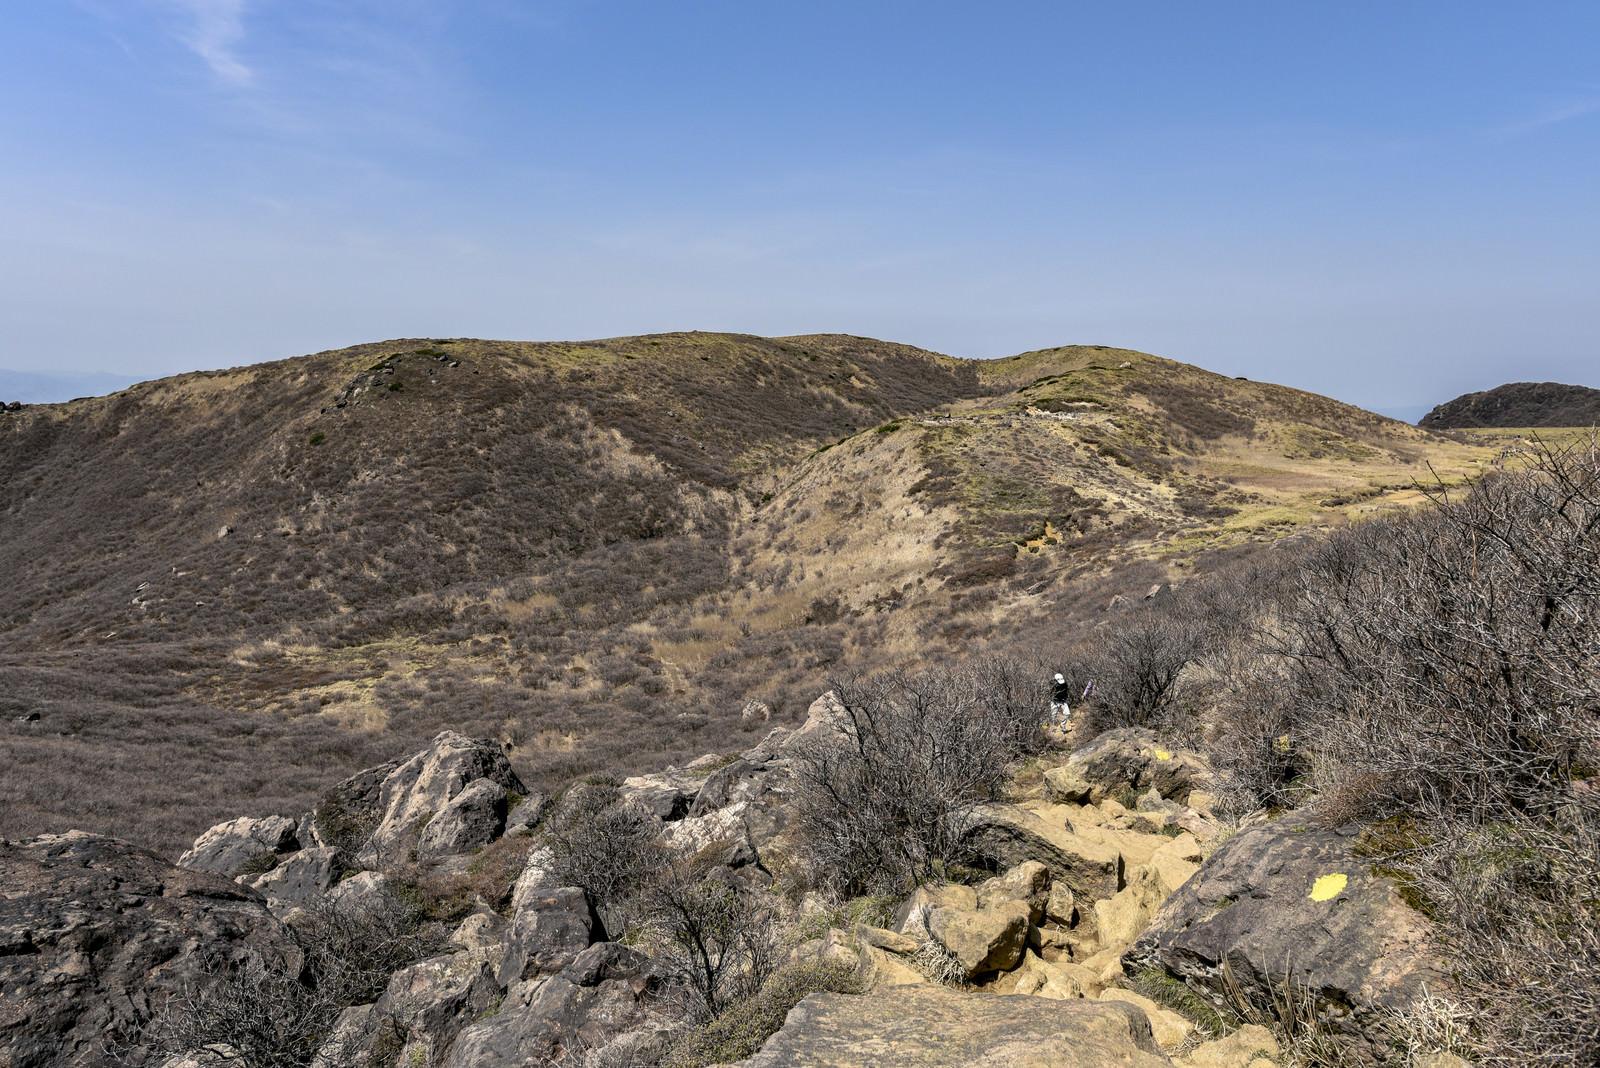 「荒涼とした山肌が続く久住山(くじゅうさん)」の写真